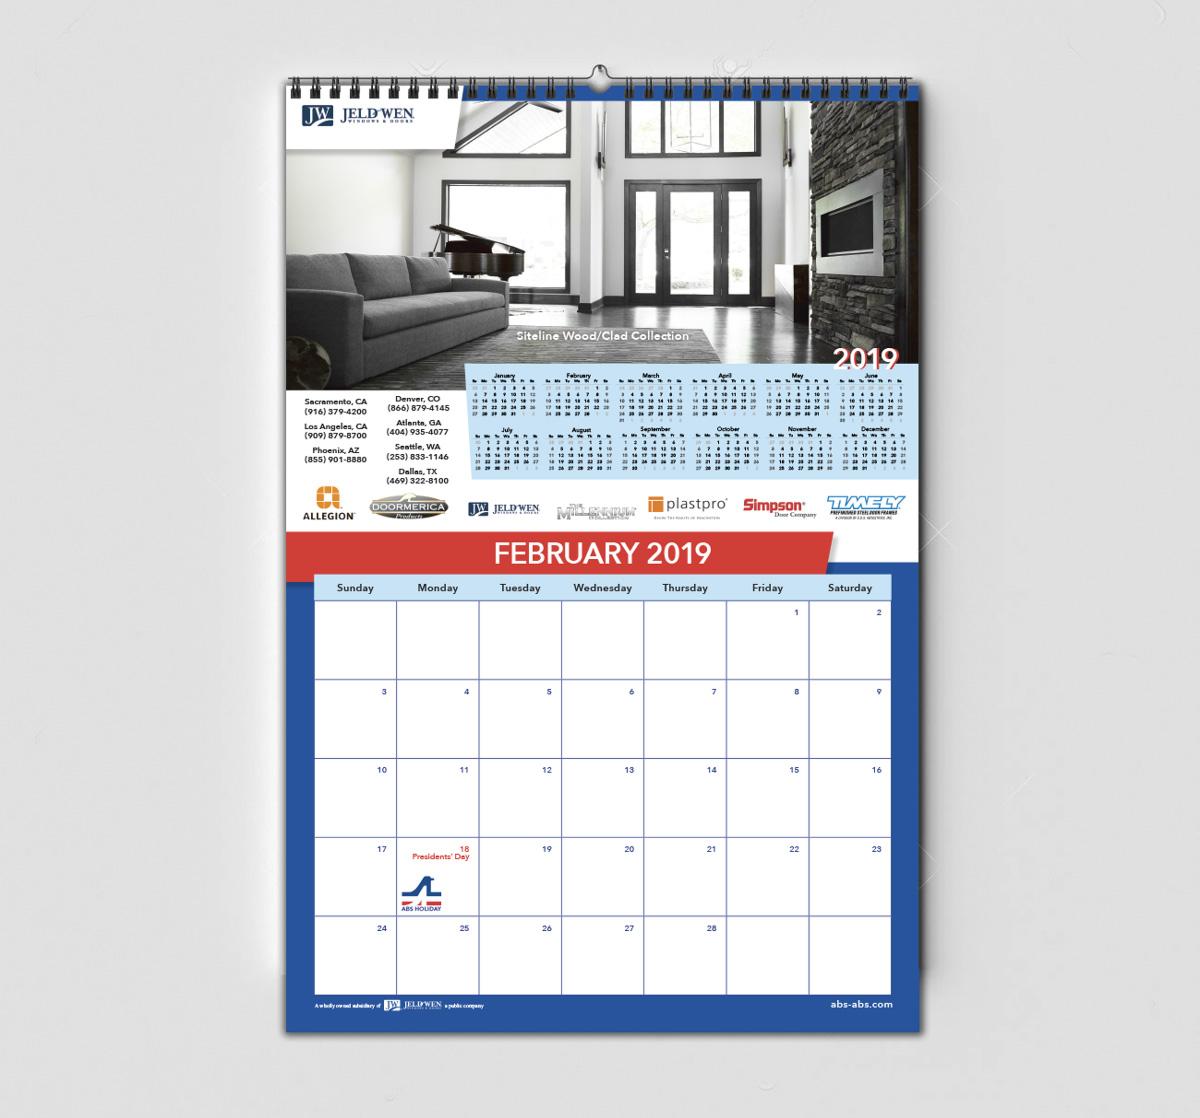 PDDG_ABS_Calendar